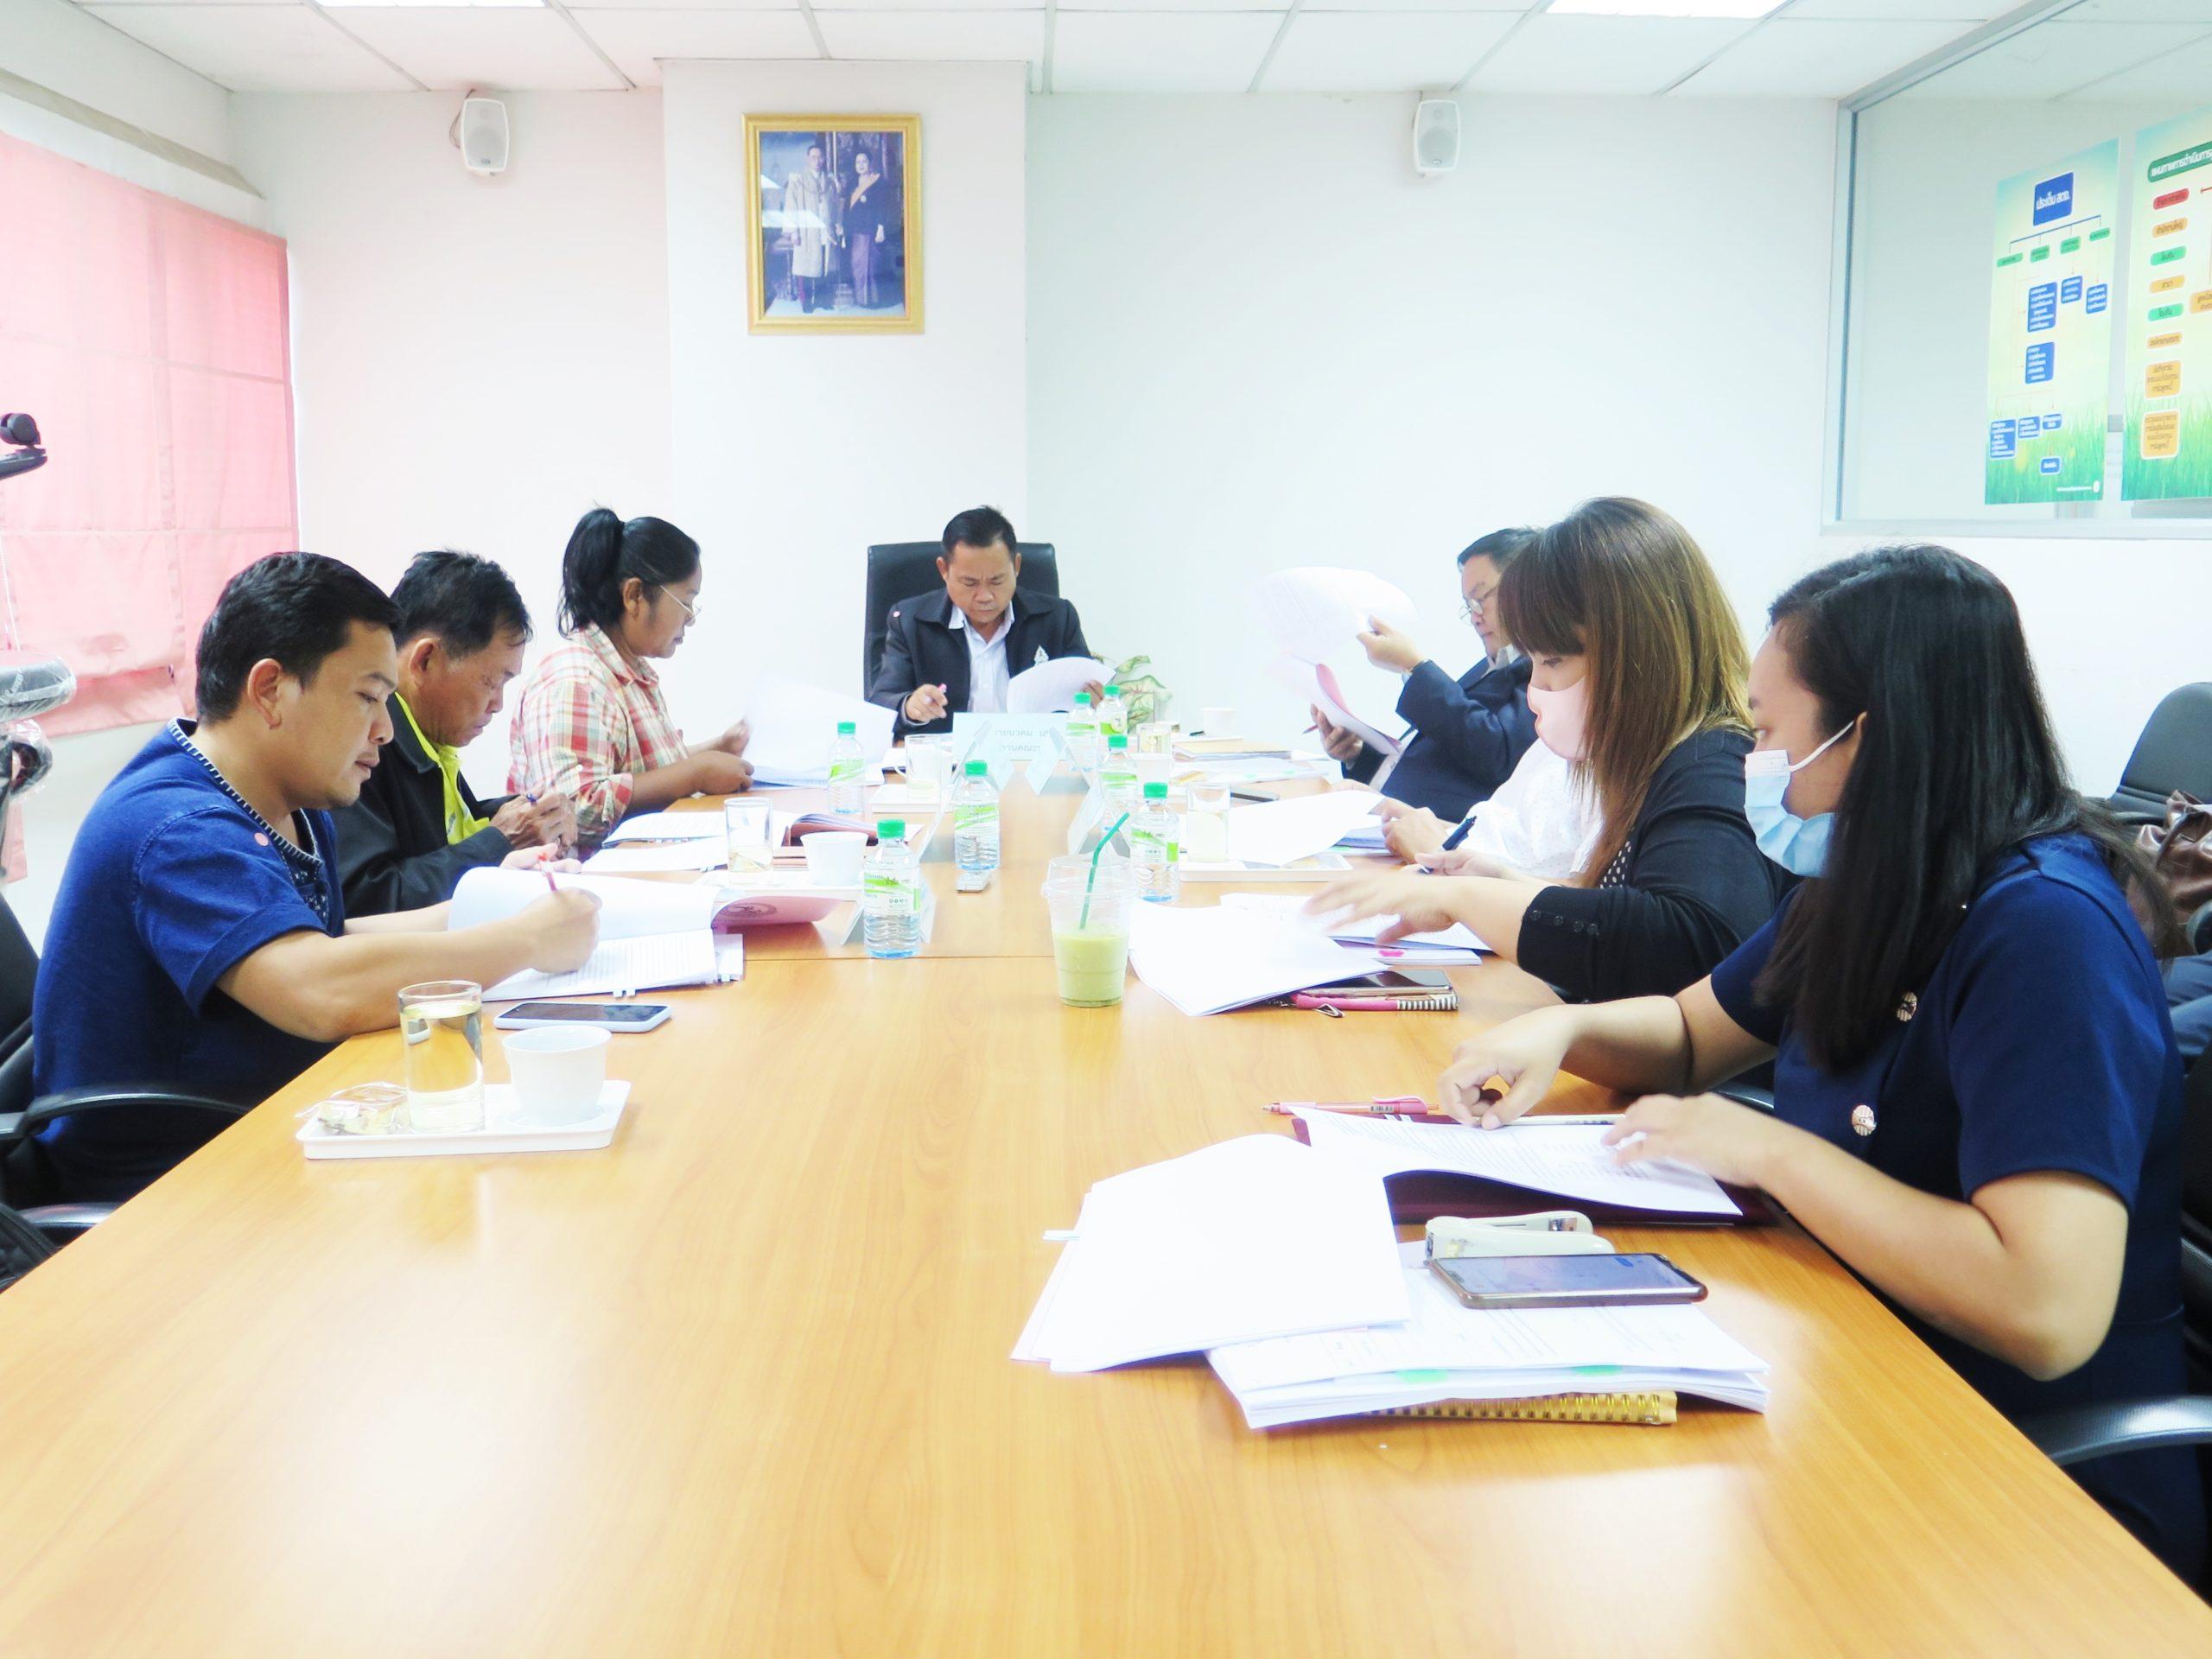 ประชุมกลั่นกรองวาระ คกก.หนี้ นัด 9